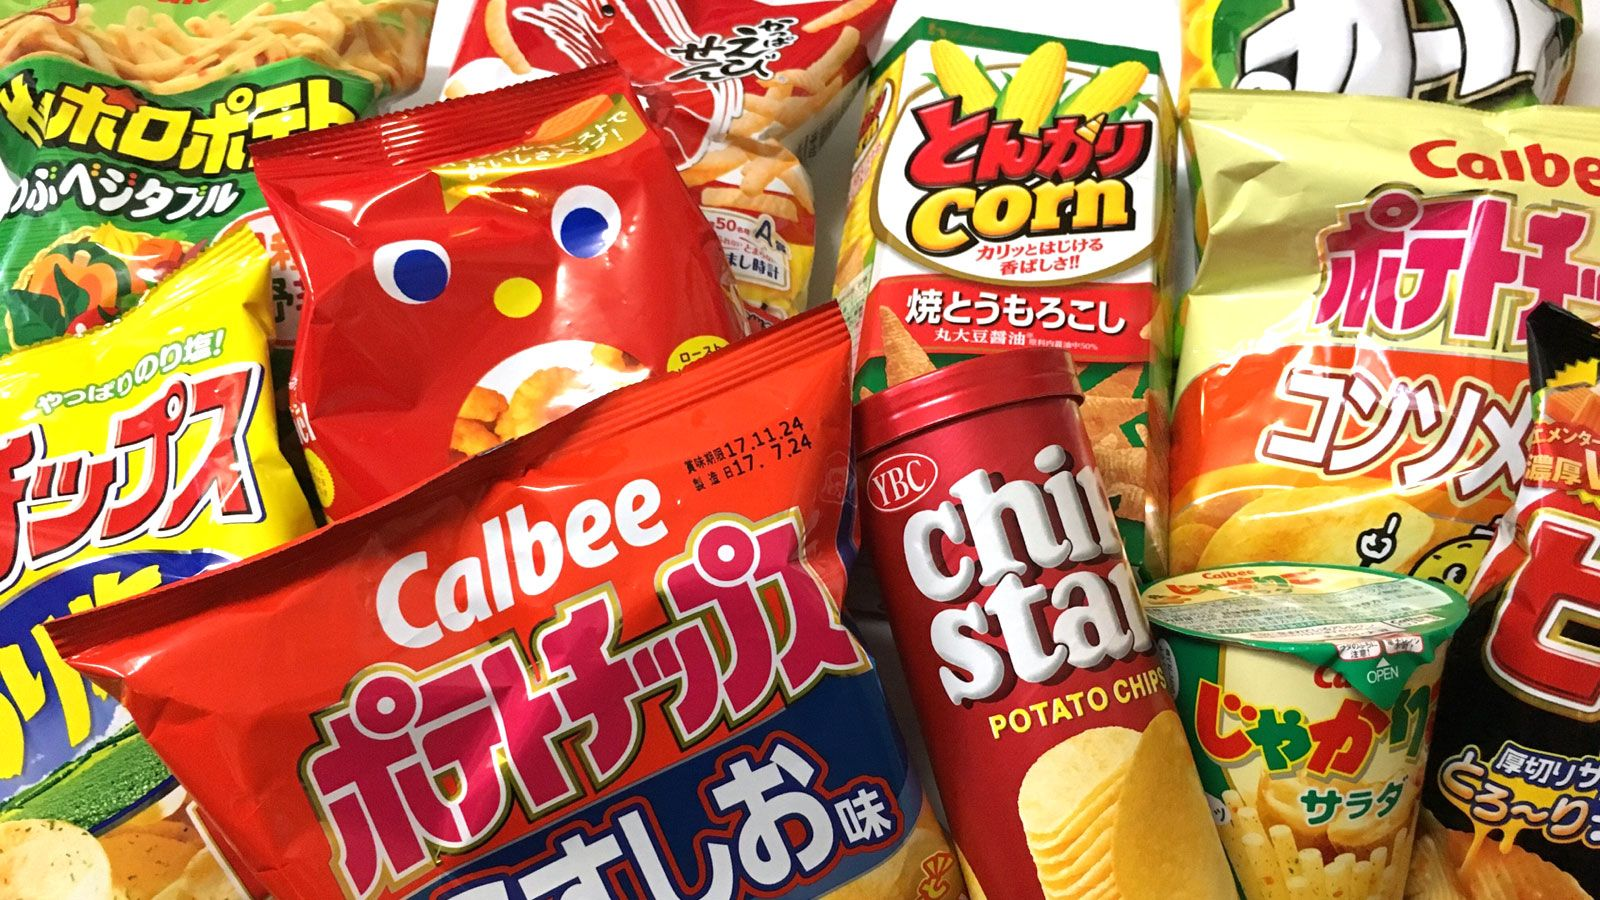 公開!売れ筋「スナック菓子」トップ100商品 | 世界の ...